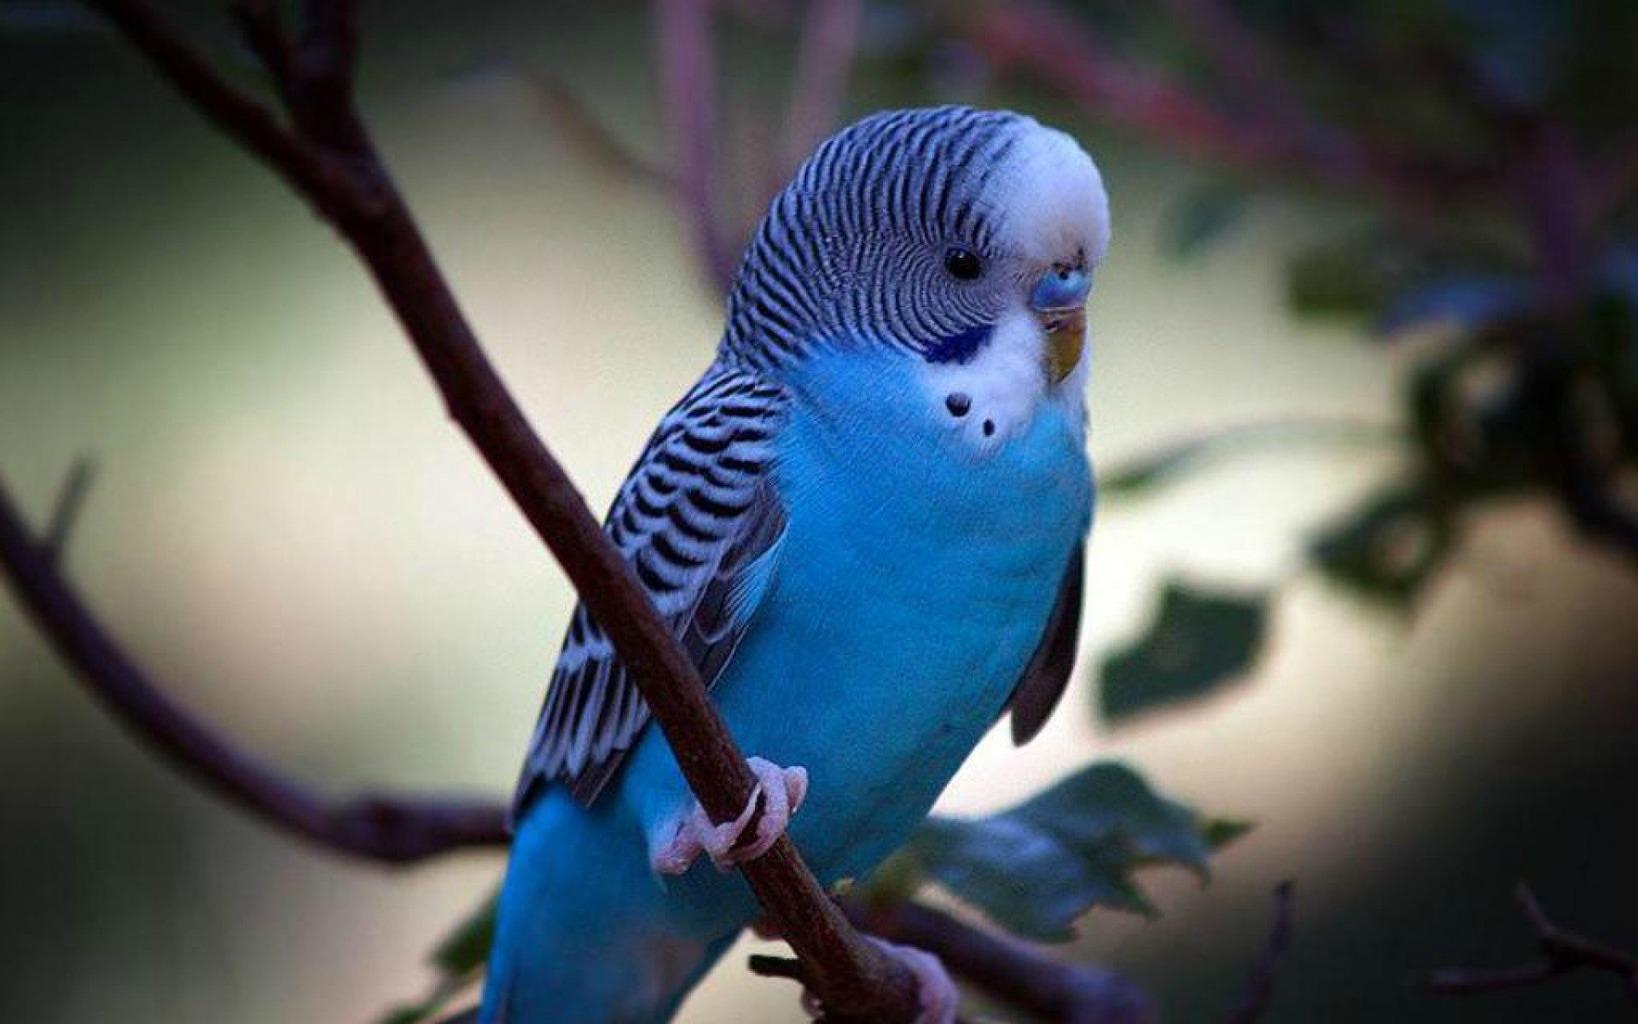 1920x1200-px-9-bird-budgie-parakeet-parrot-tropical-1665625.jpg